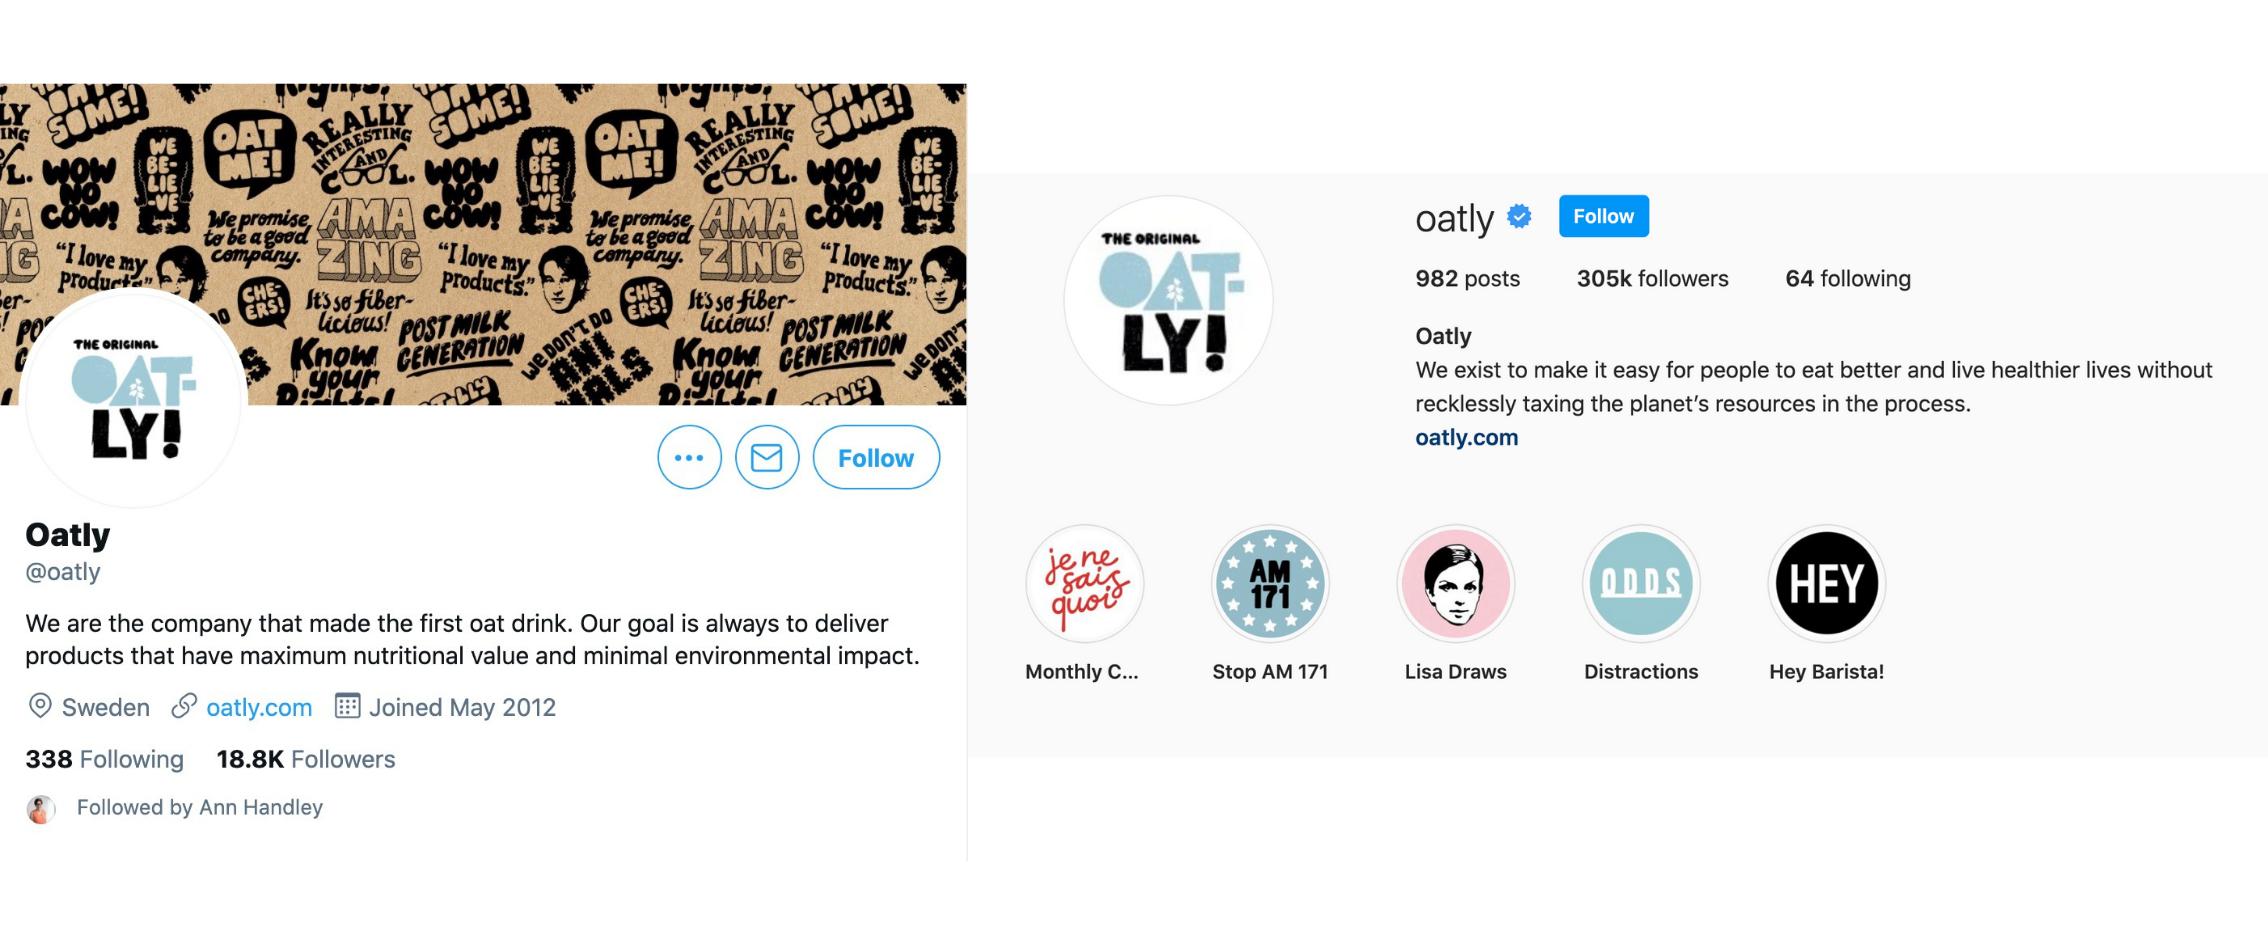 Ein Teil der Strategie von Oatly zur Optimierung sozialer Medien besteht darin, ein zusammenhängendes kreatives Image auf allen sozialen Plattformen zu schaffen.